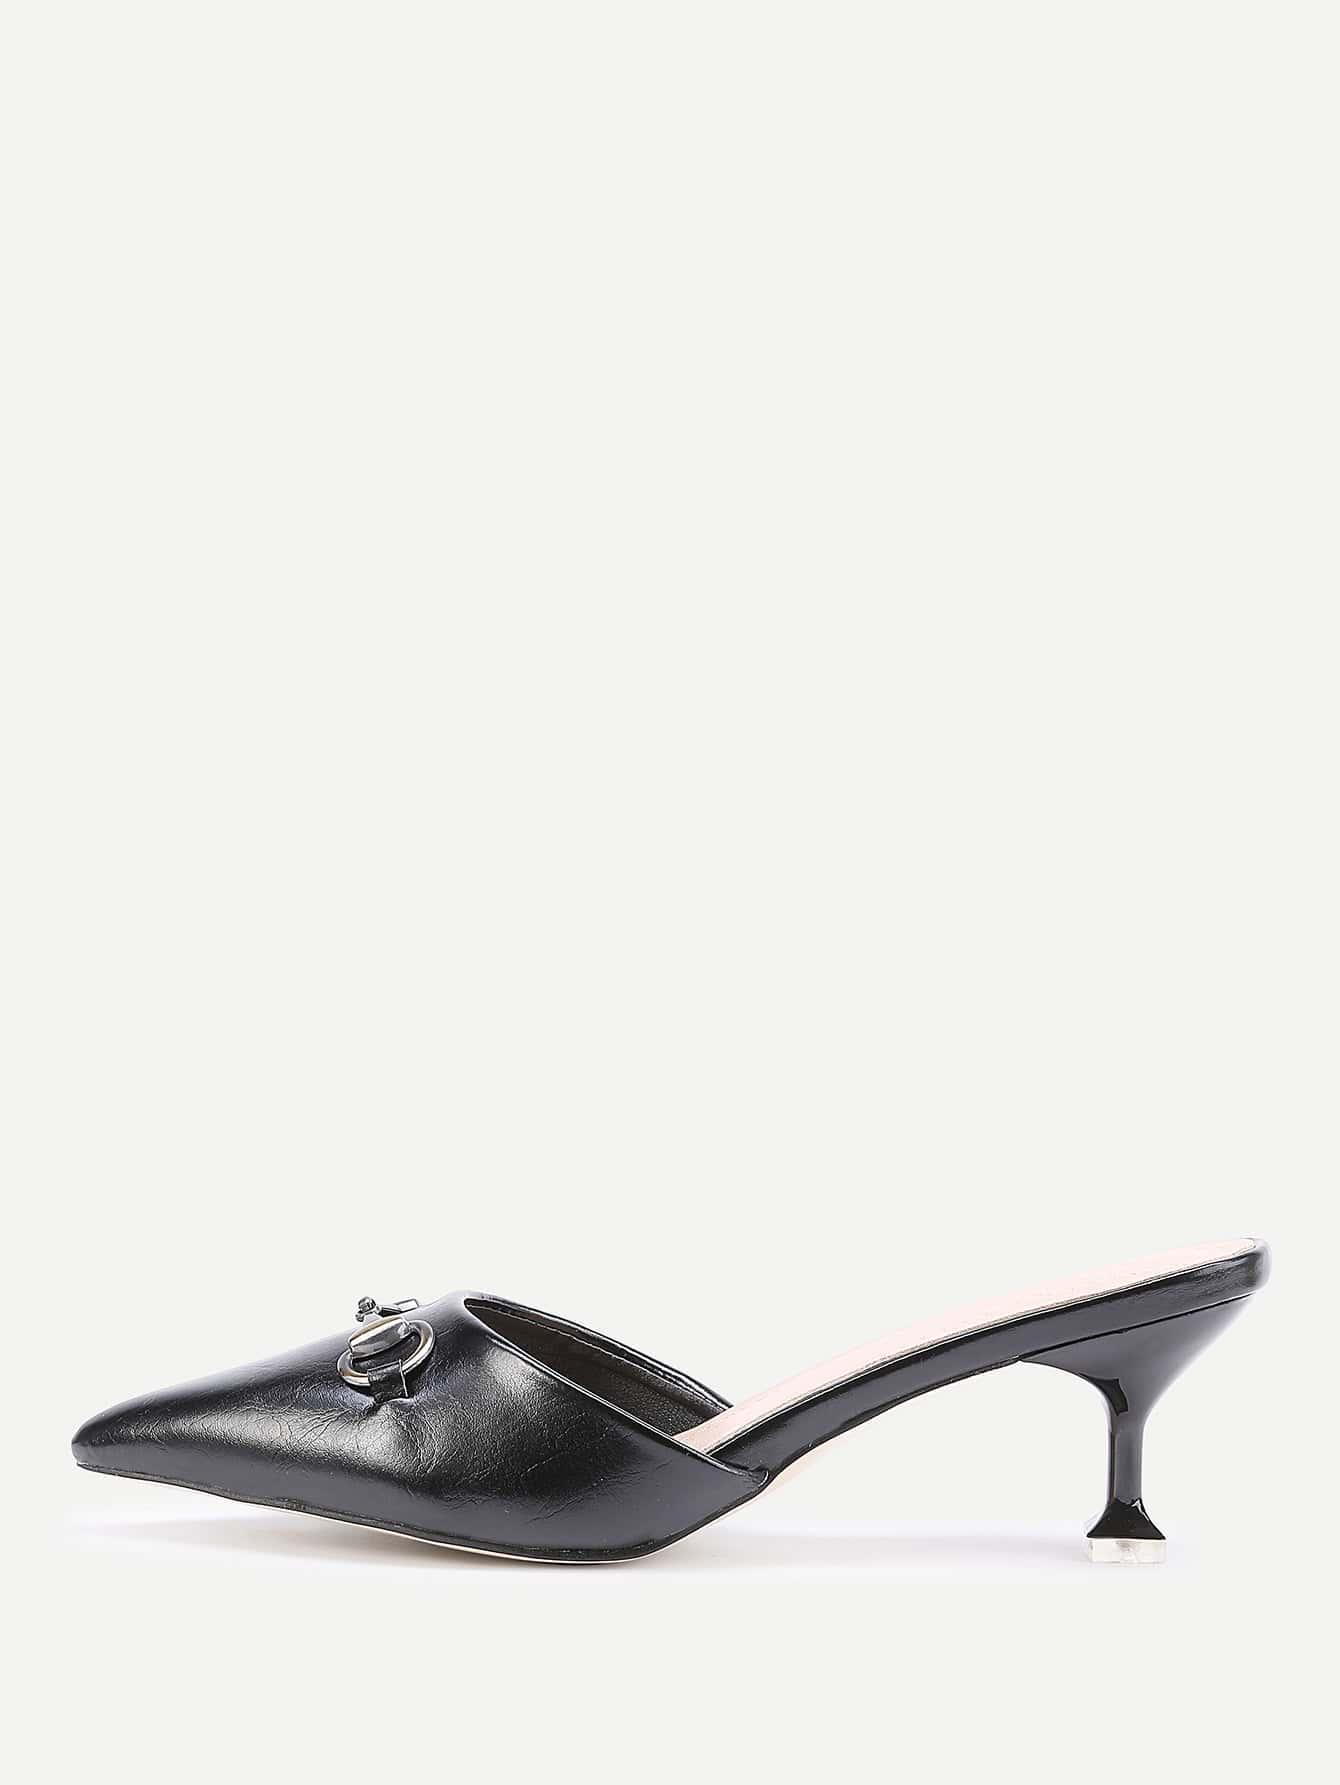 shoes170331804_2